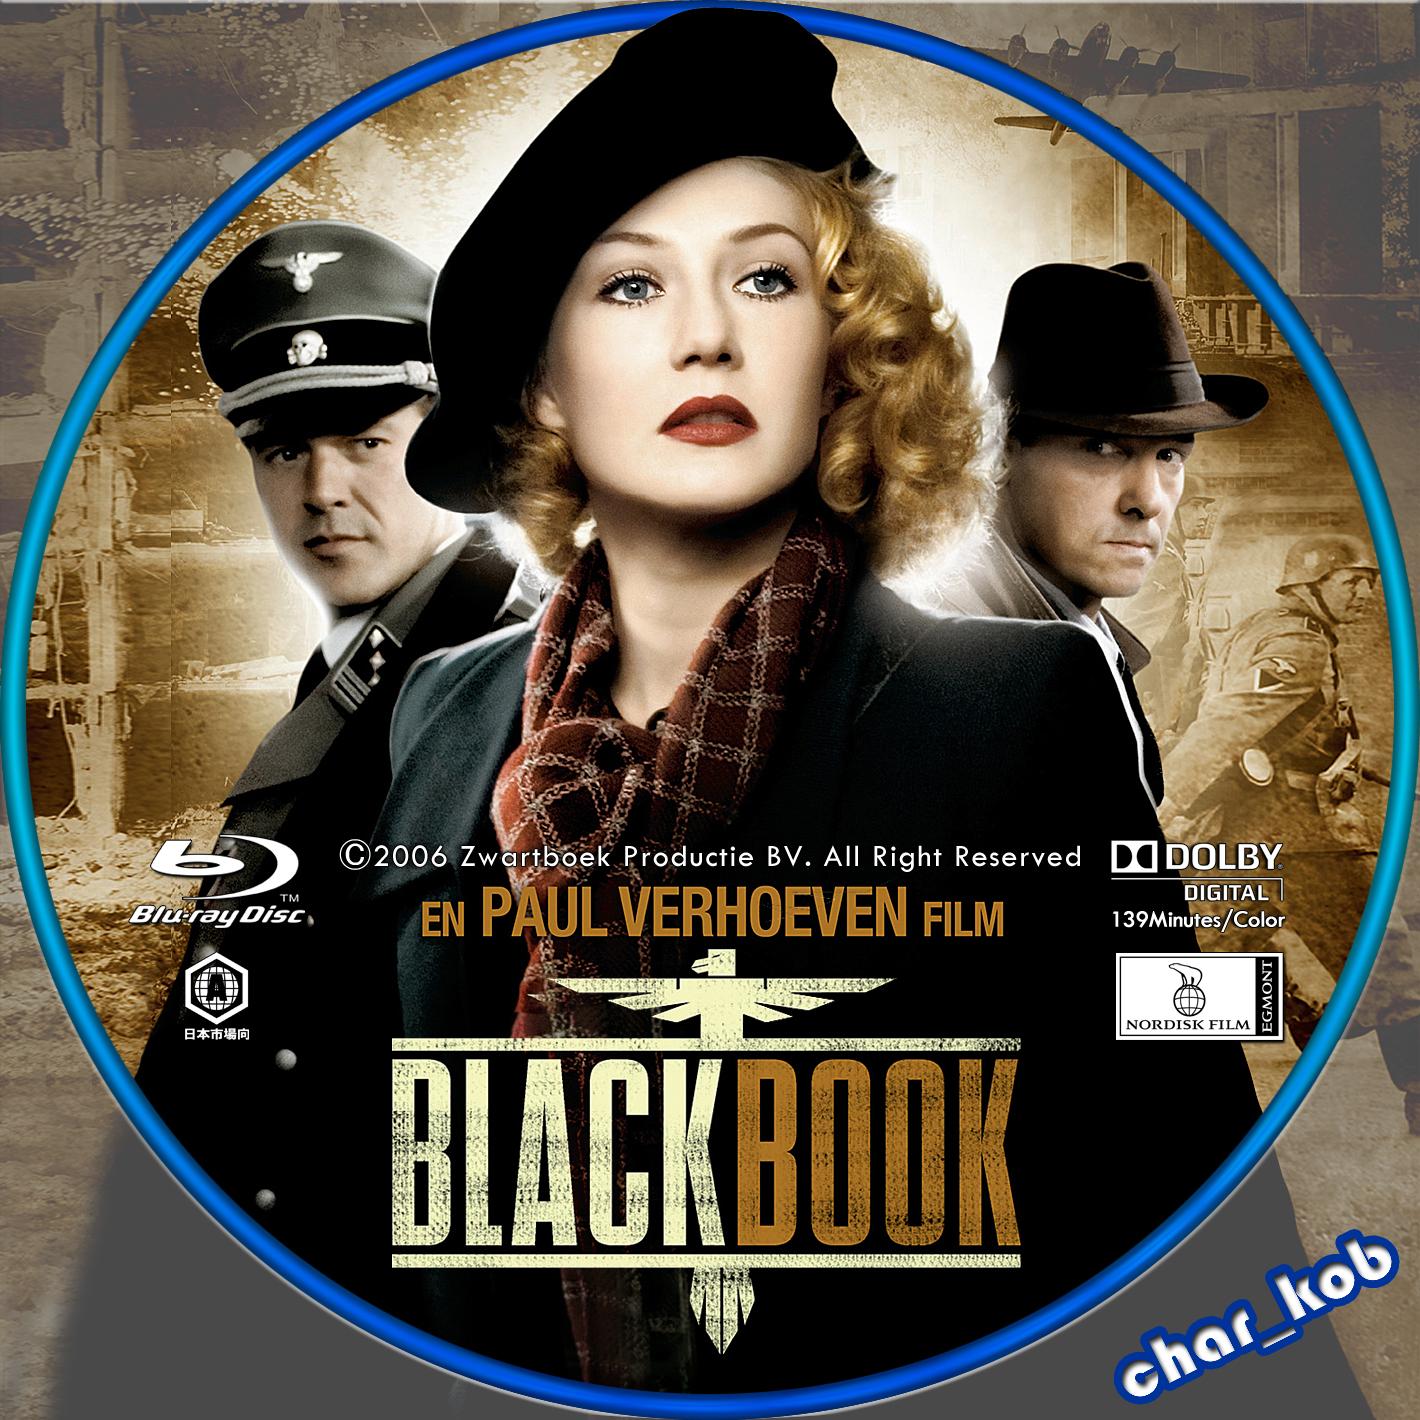 Book Cover Black Label : 自作dvdラベル公開サイト char kob s custom dvd label